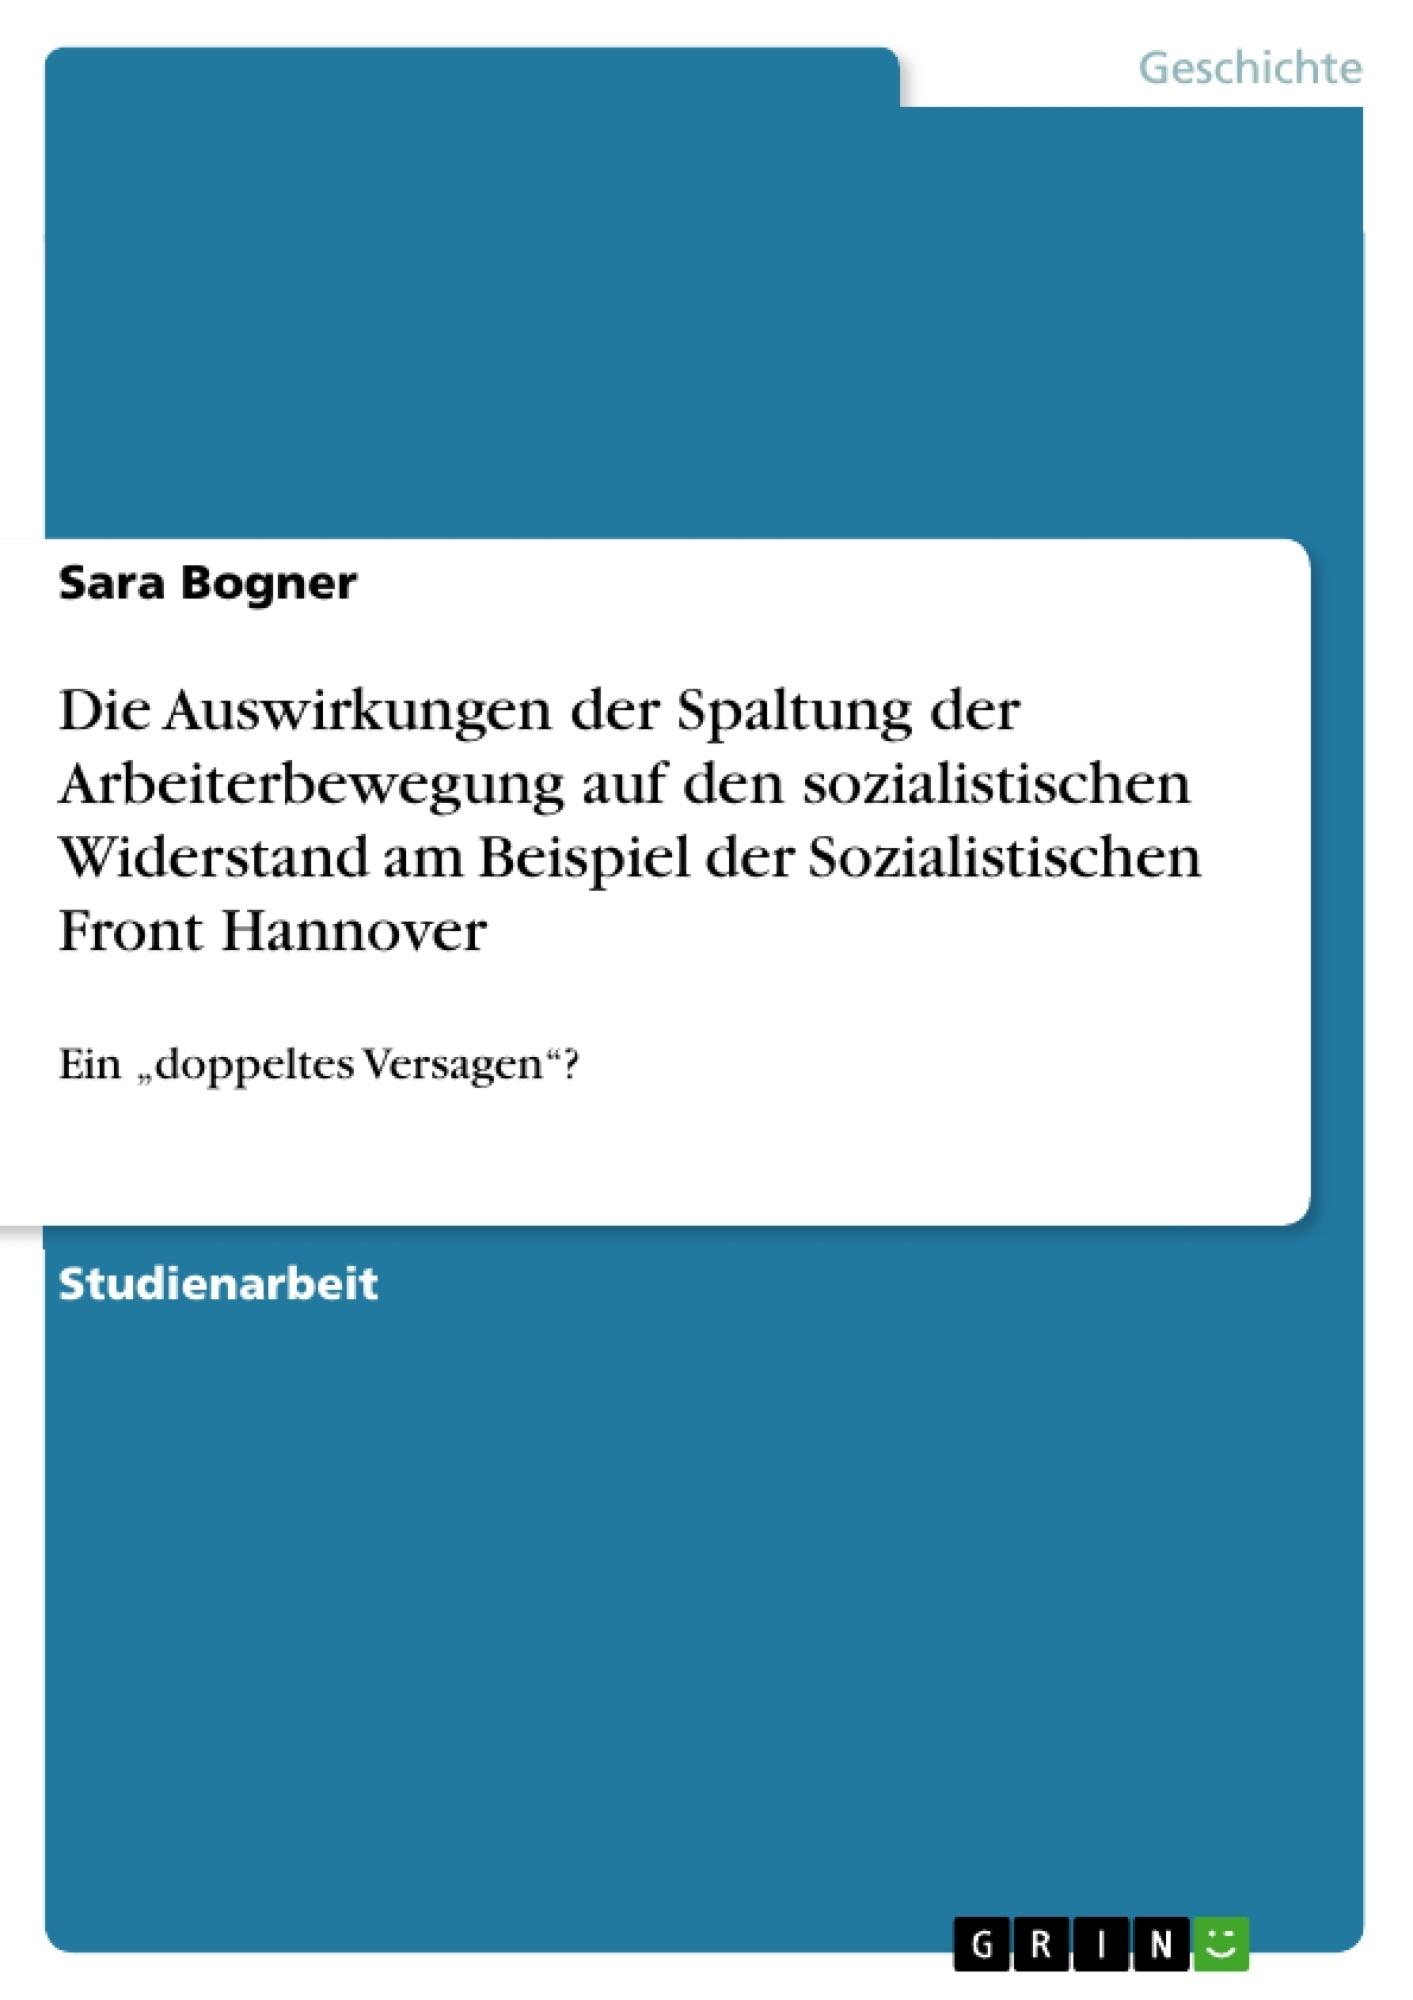 Titel: Die Auswirkungen der Spaltung der Arbeiterbewegung auf den sozialistischen Widerstand am Beispiel der Sozialistischen Front Hannover